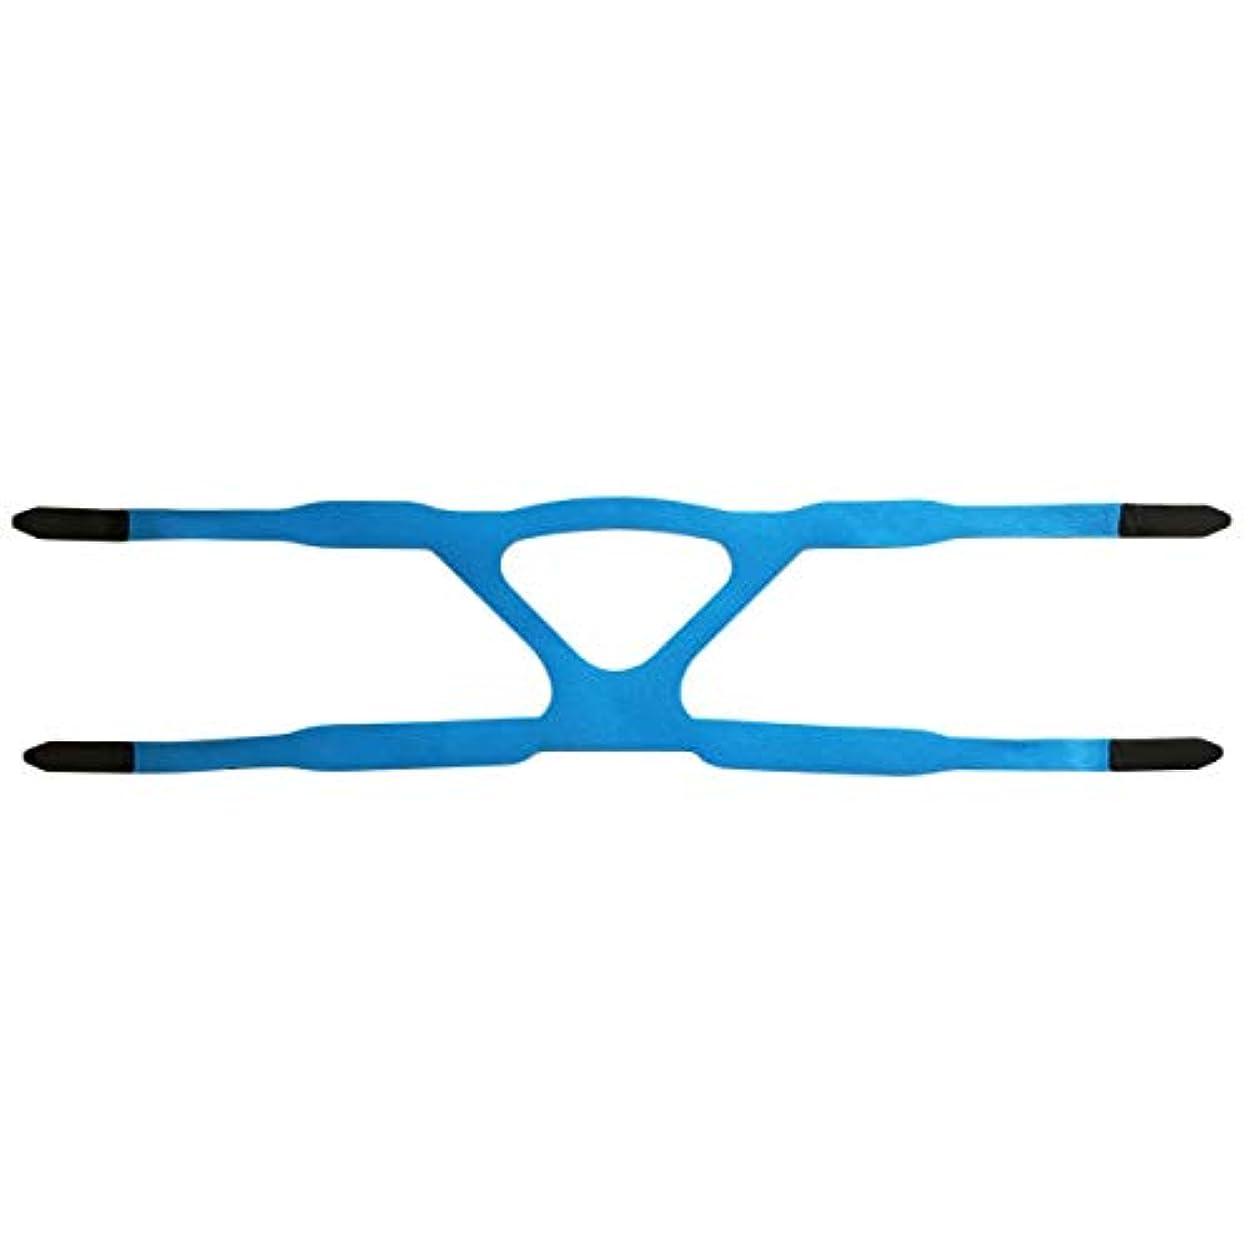 リマーク乱雑な経営者ユニバーサルヘッドギアコンフォートジェルフルマスク安全な環境置換CPAPヘッドバンドマスクなしPHILPSに適しています(色:青&グレー)